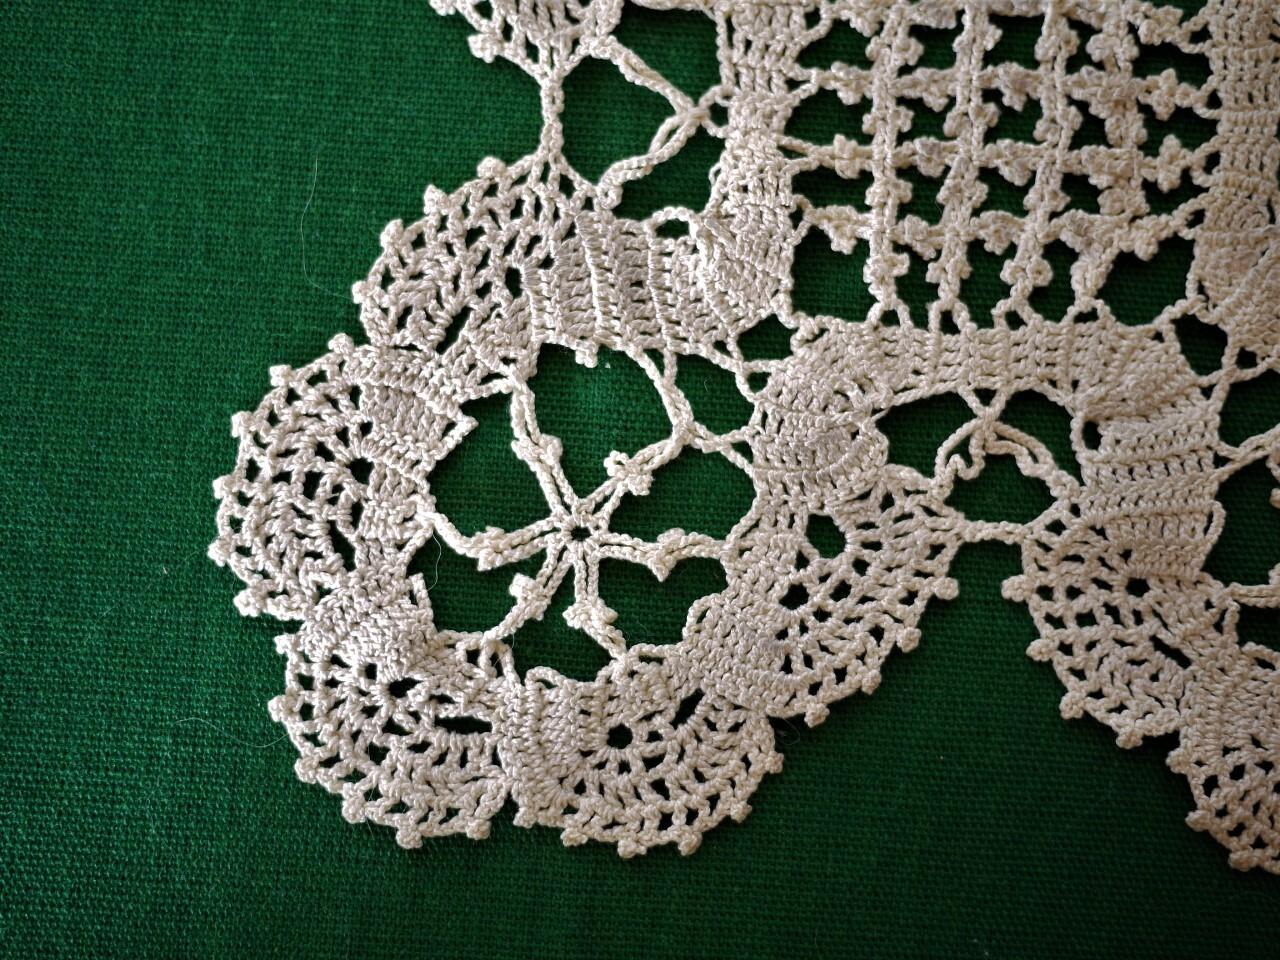 レース編みドイリー モチーフ 花瓶敷き オフホワイト 手編みクロッシェ編み物レース